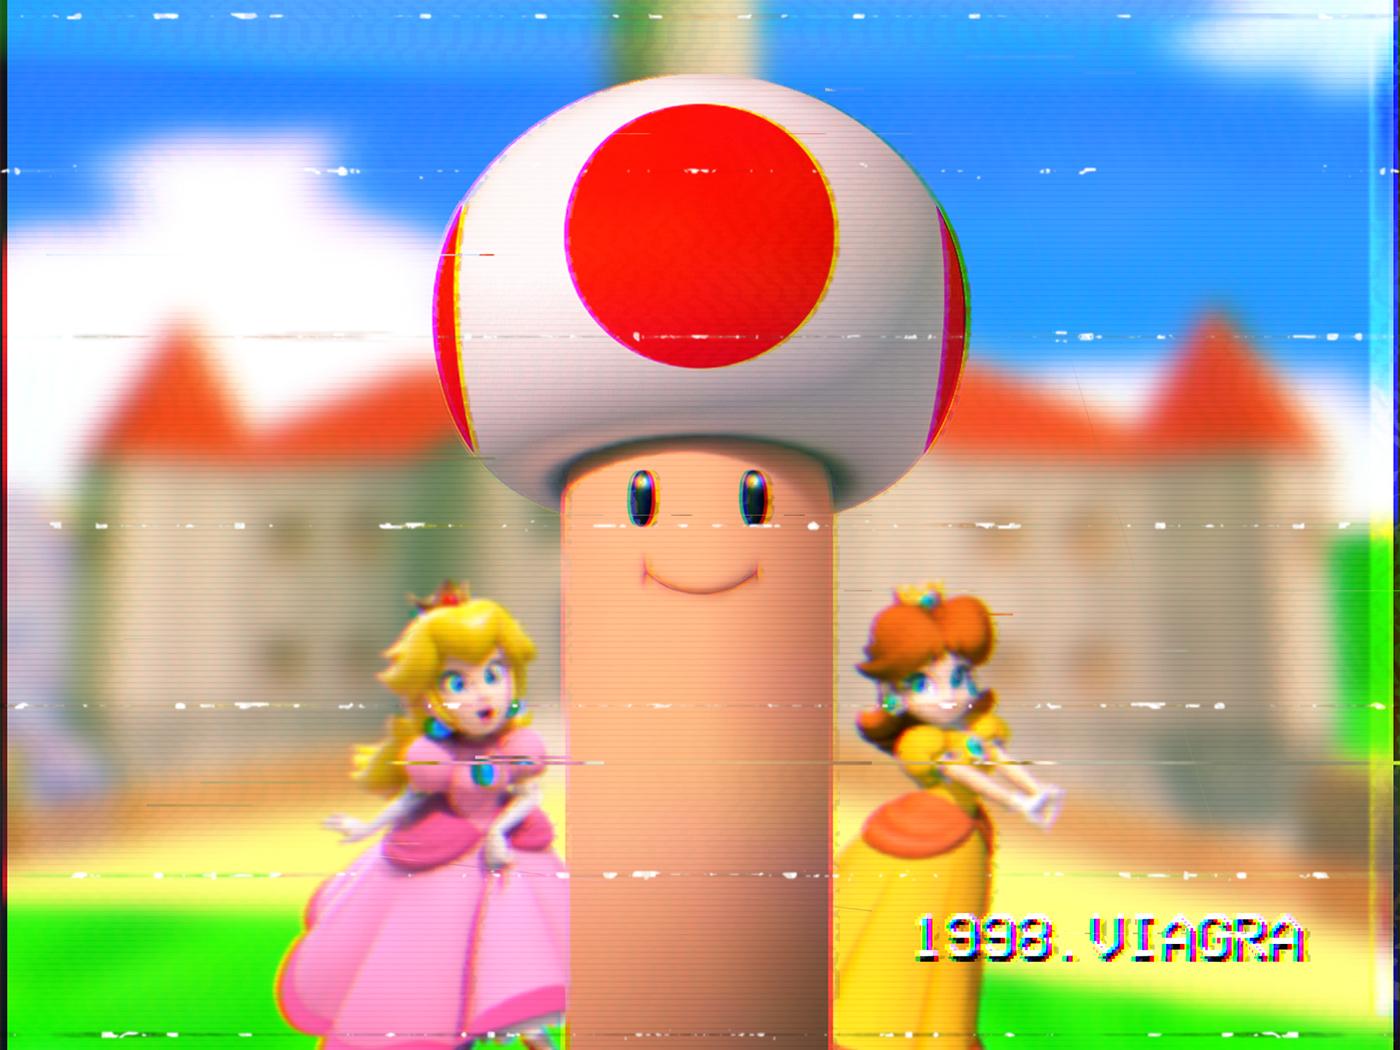 mario bros 30 anos de historia do game23 - MarioBros um game com 30 anos de história